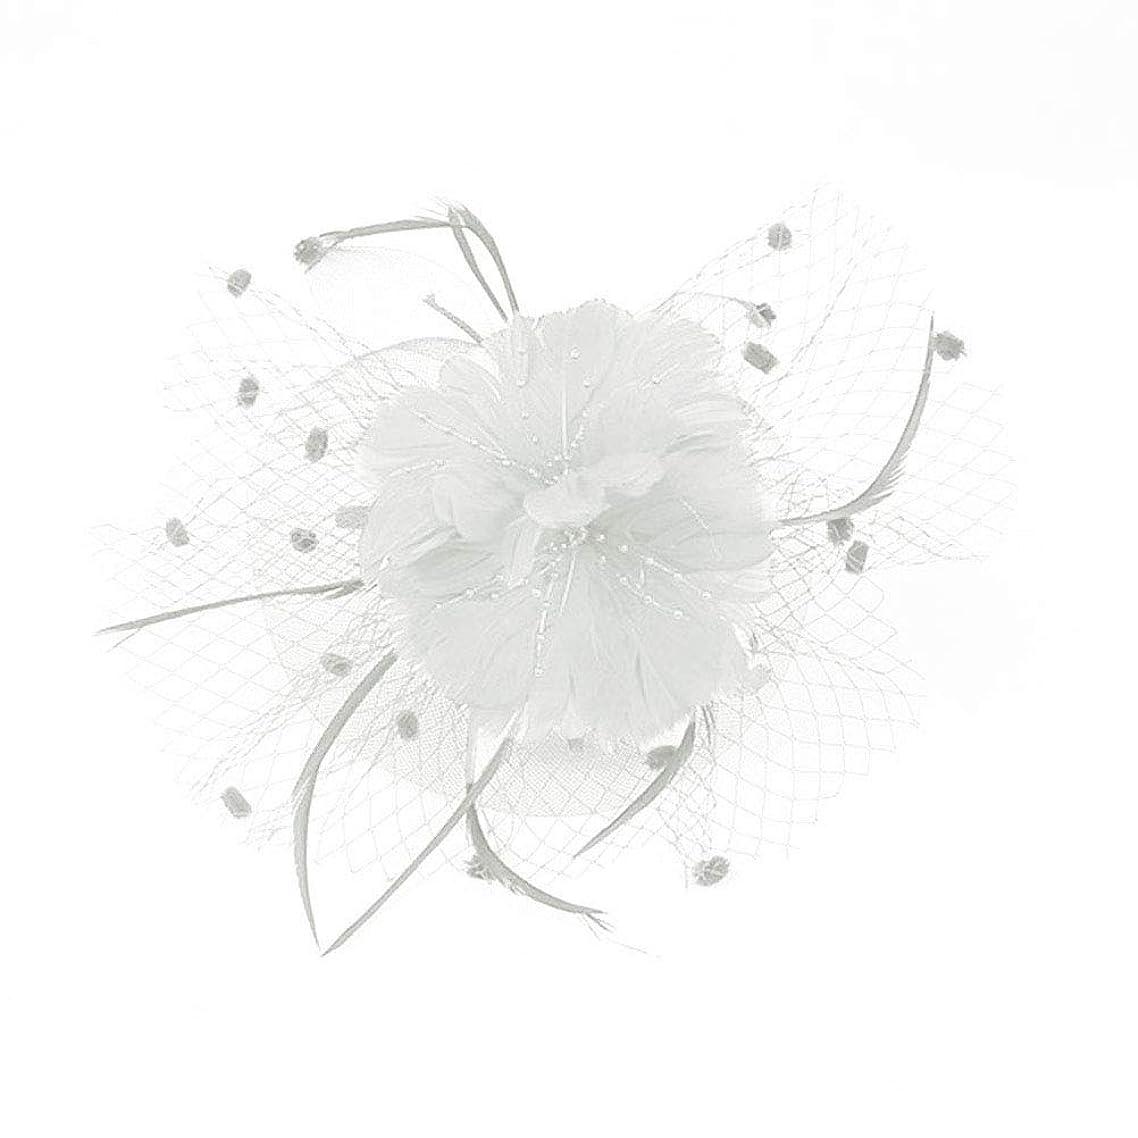 失敗荒野エレクトロニックBeaupretty魅惑的な帽子羽メッシュネットベールパーティー帽子ピルボックス帽子羽の魅惑的なキャップレディース結婚式宴会カクテルパーティー(ベージュ)